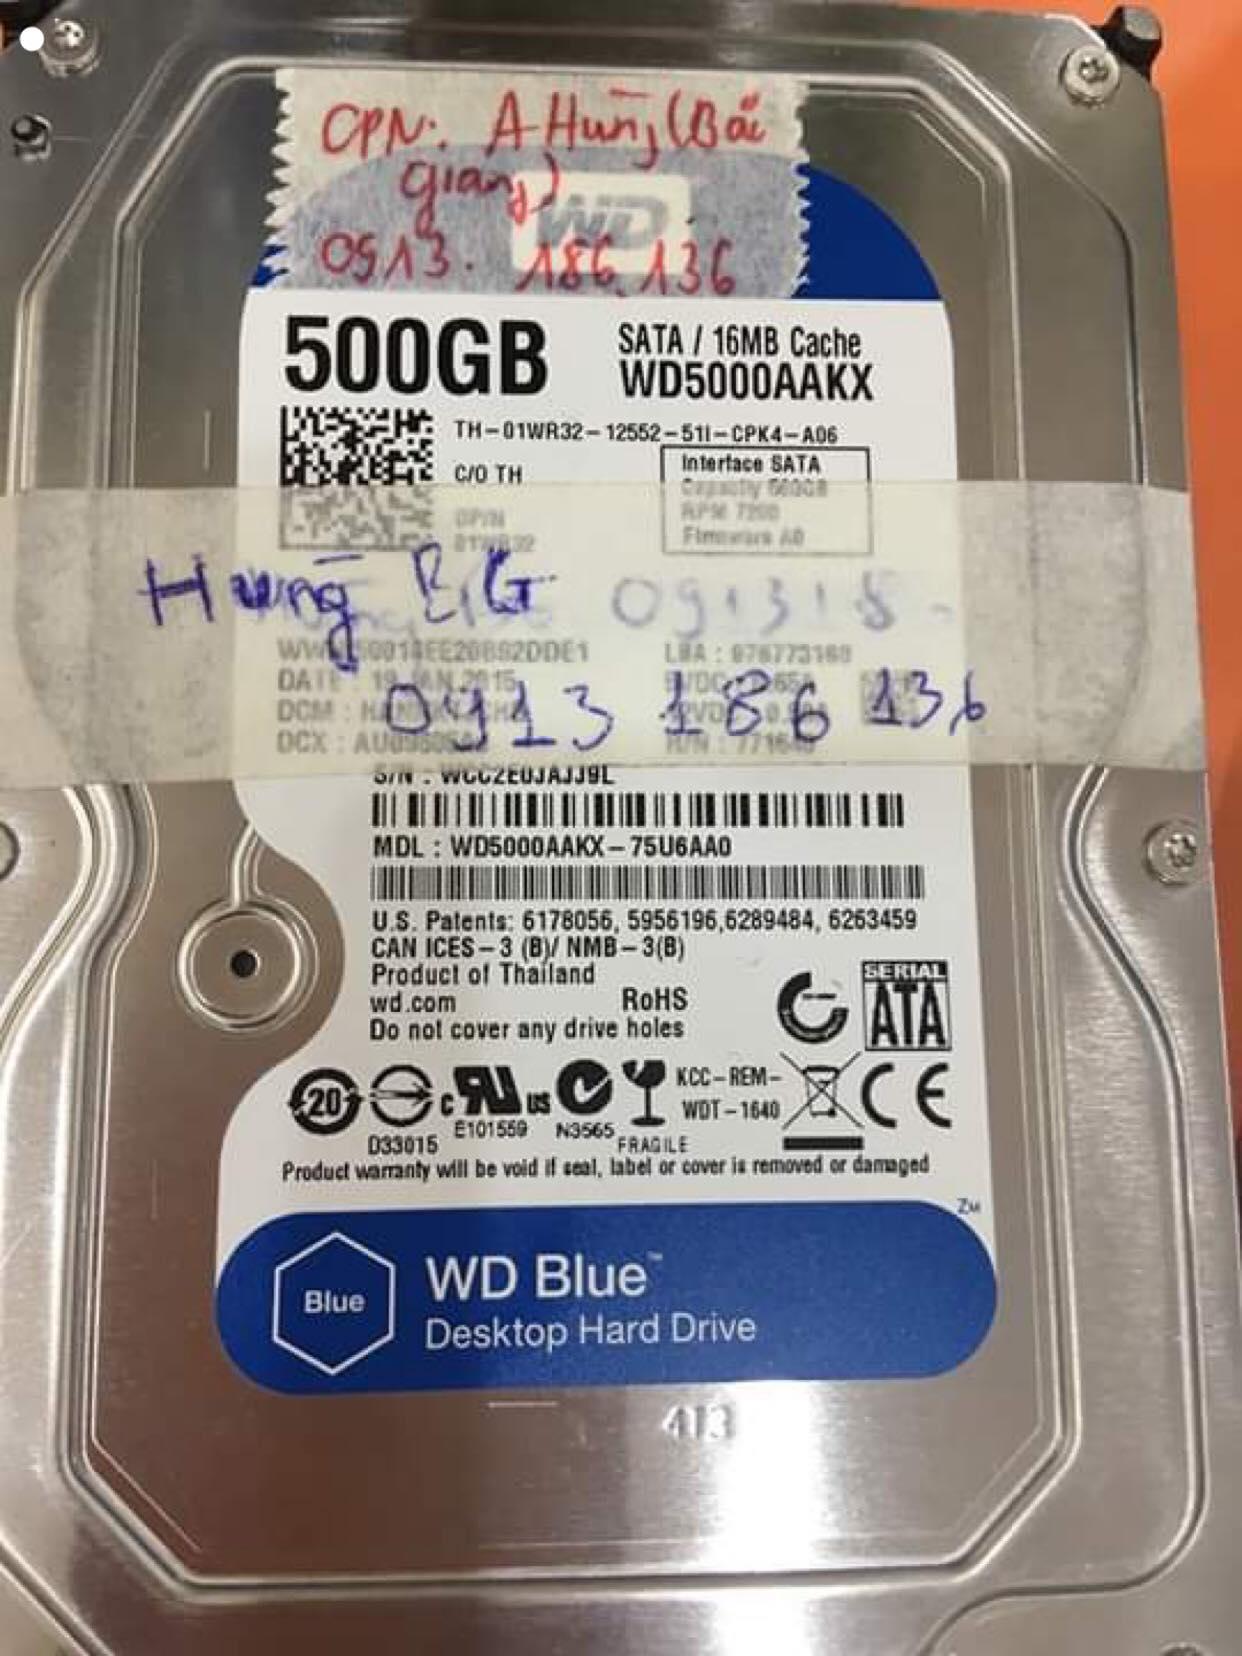 Lấy dữ liệu ổ cứng Western 500GB không nhận tại Bắc Giang 08/07/2019 - cuumaytinh